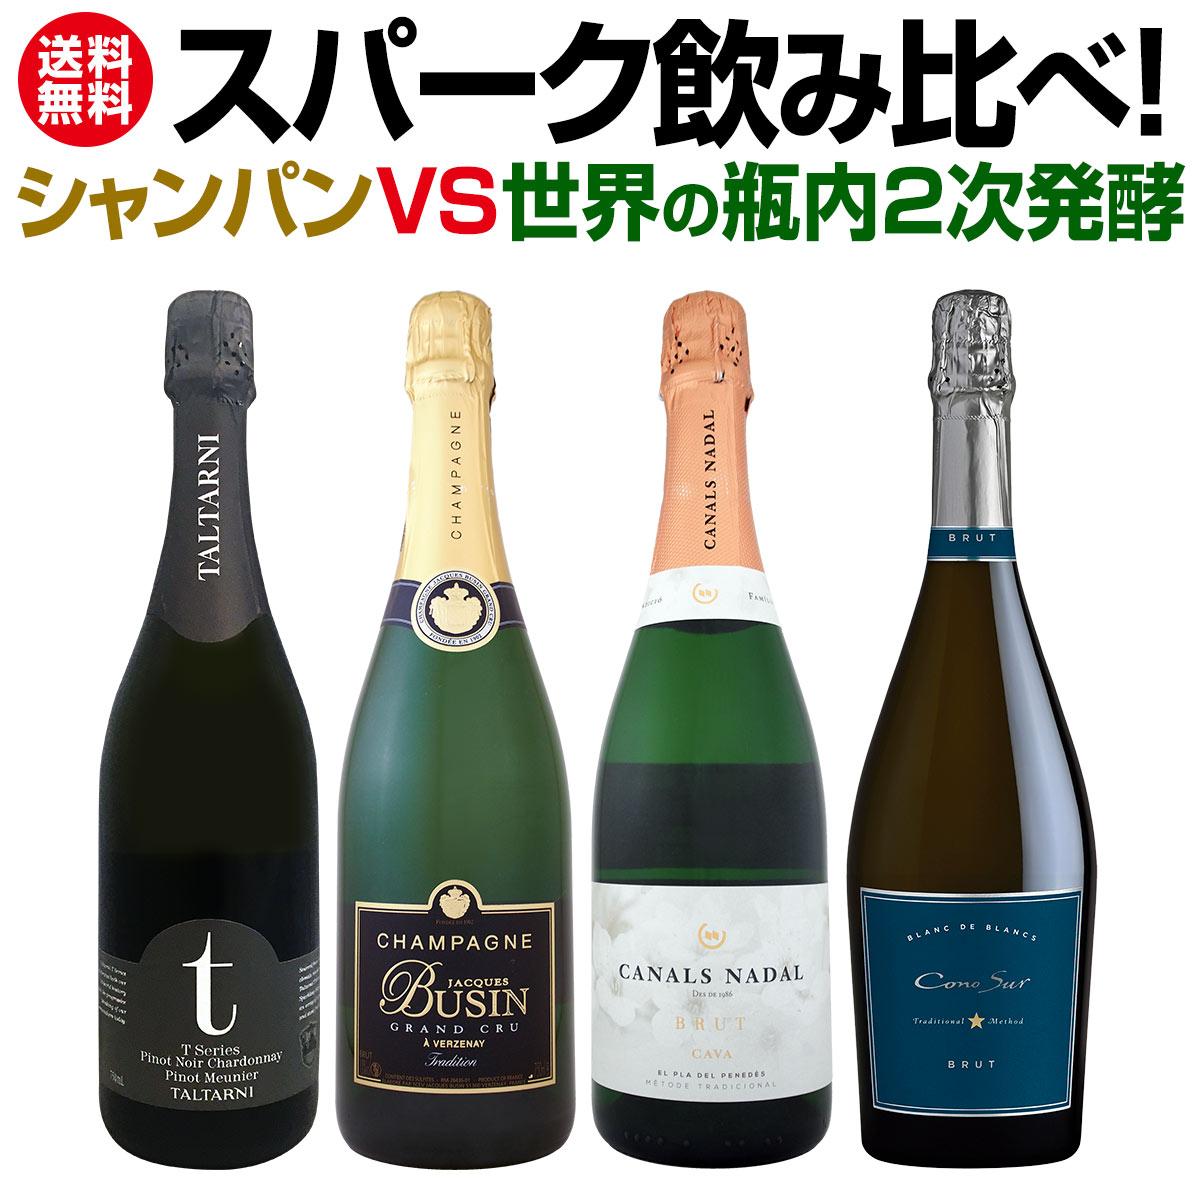 【送料無料】シャンパンvs世界の瓶内2次発酵スパーク飲み比べ!